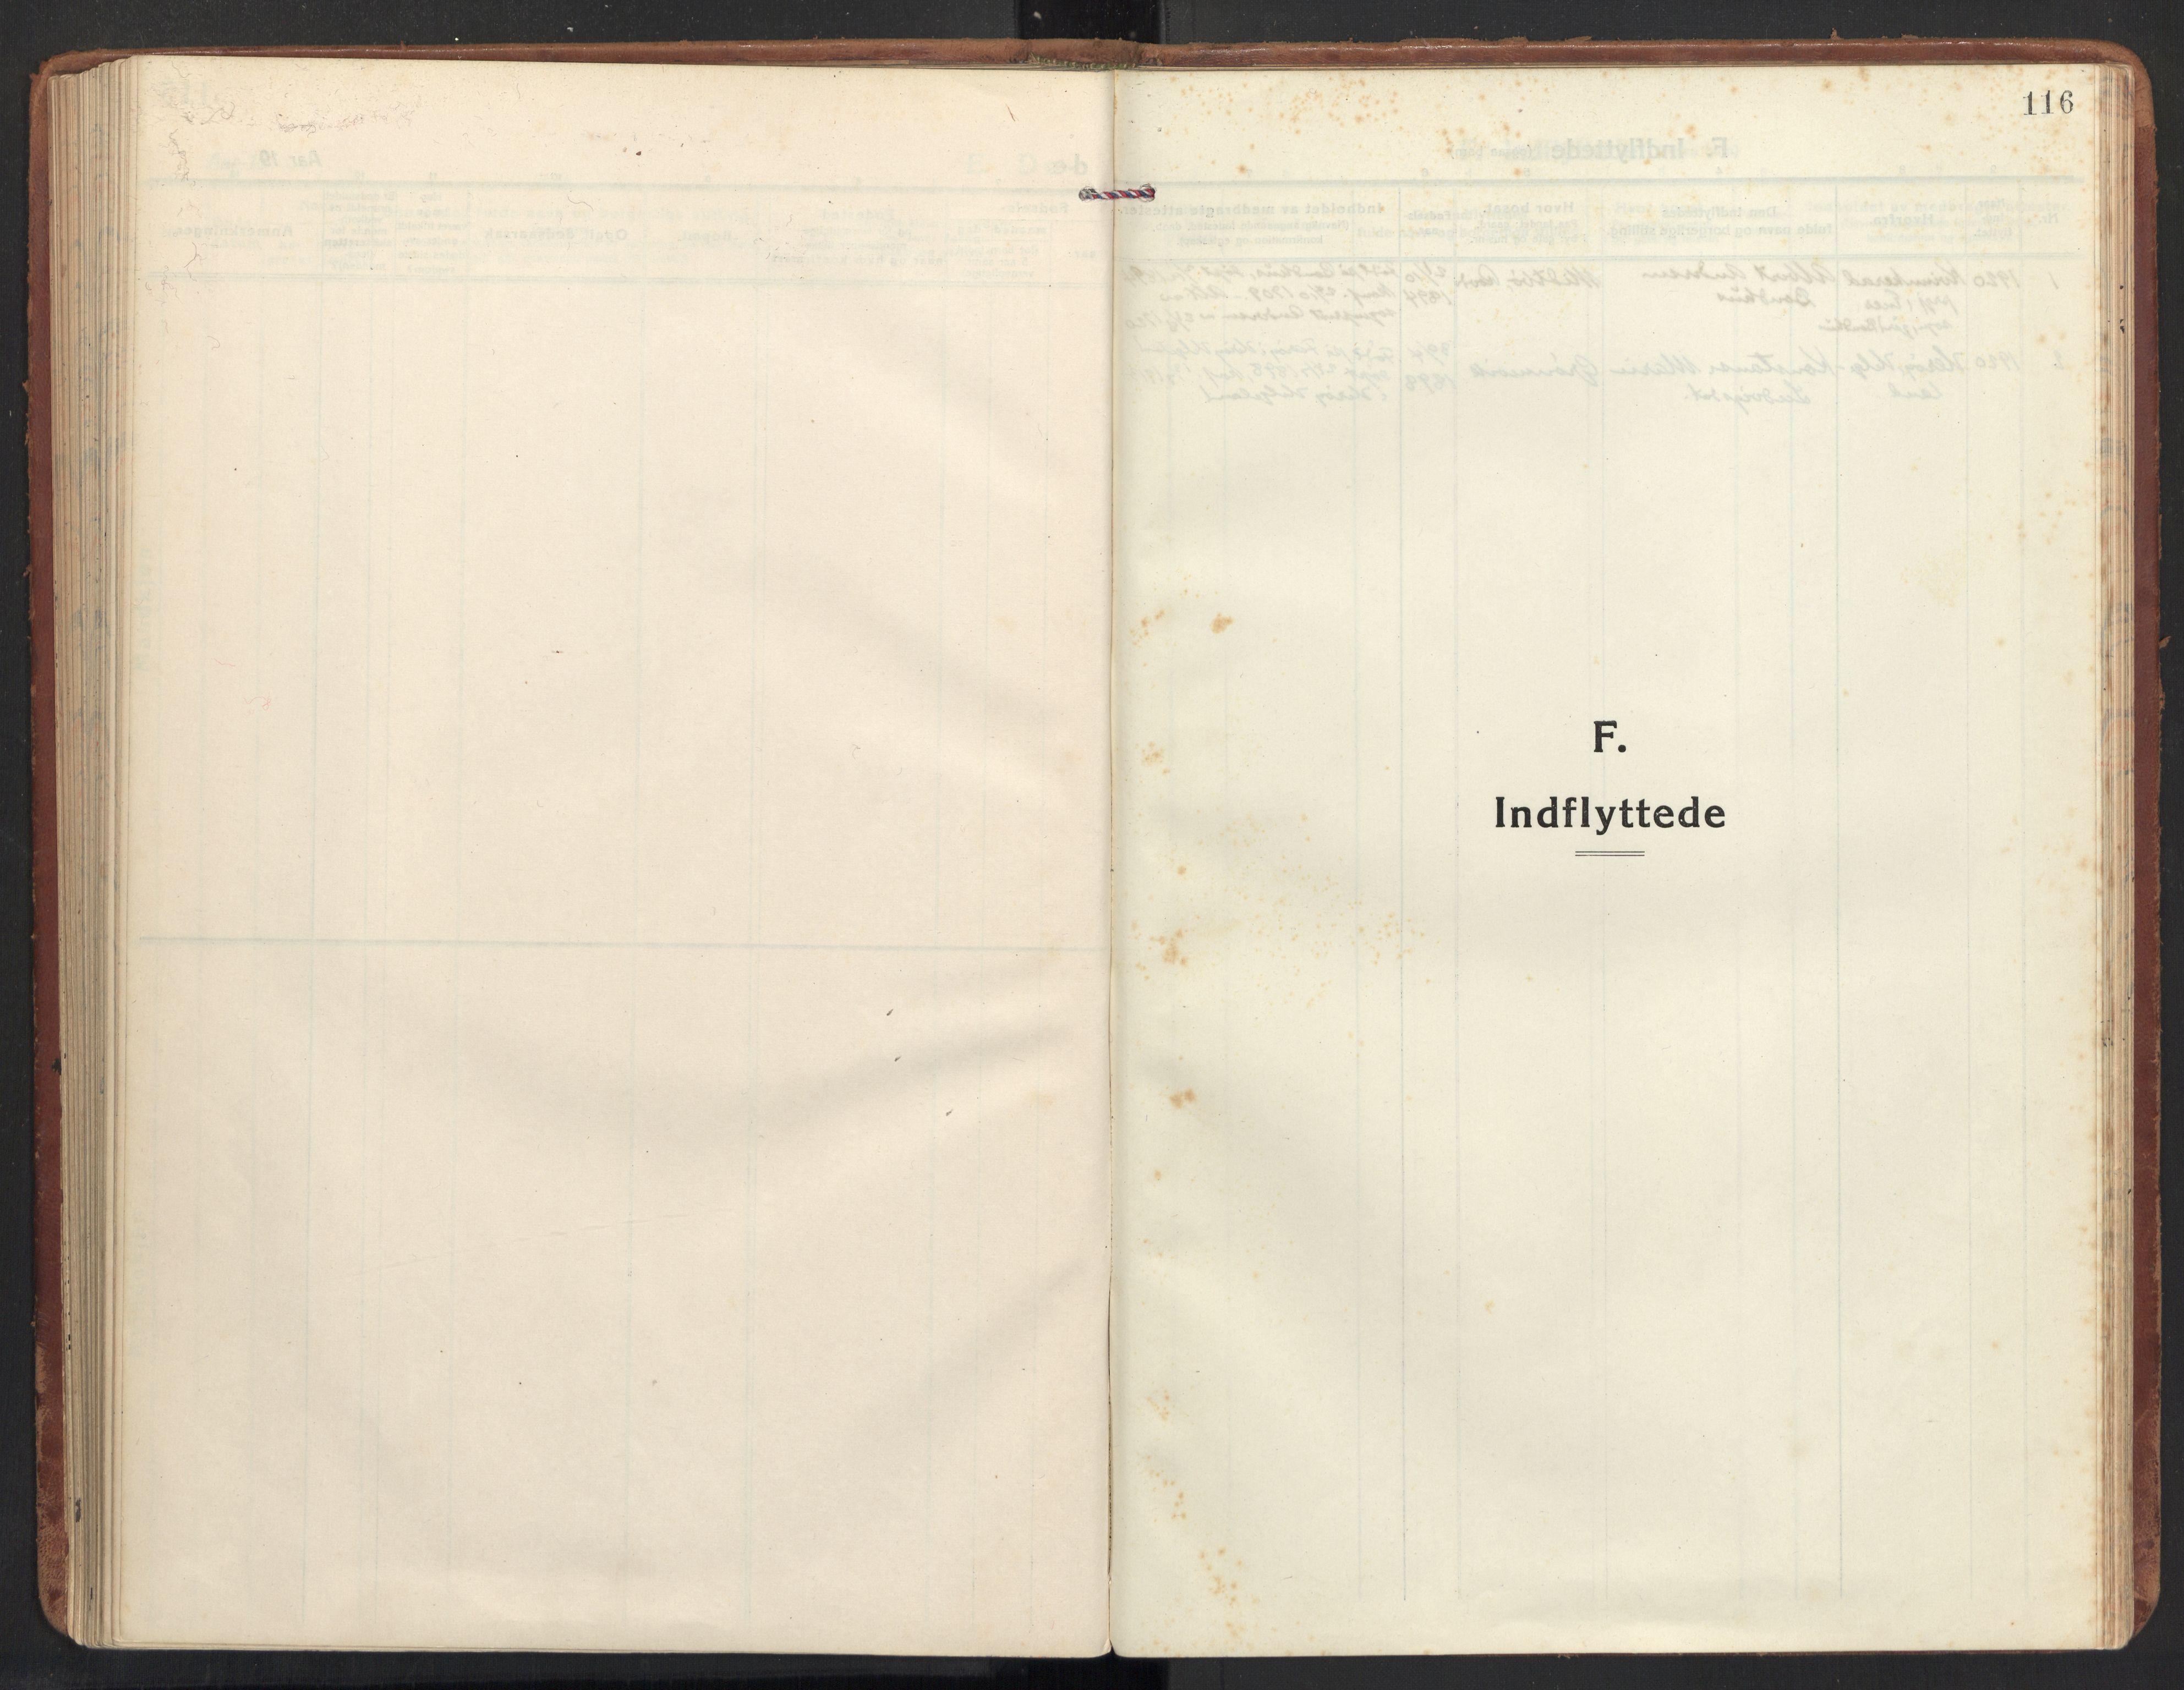 SAT, Ministerialprotokoller, klokkerbøker og fødselsregistre - Møre og Romsdal, 504/L0058: Ministerialbok nr. 504A05, 1920-1940, s. 116